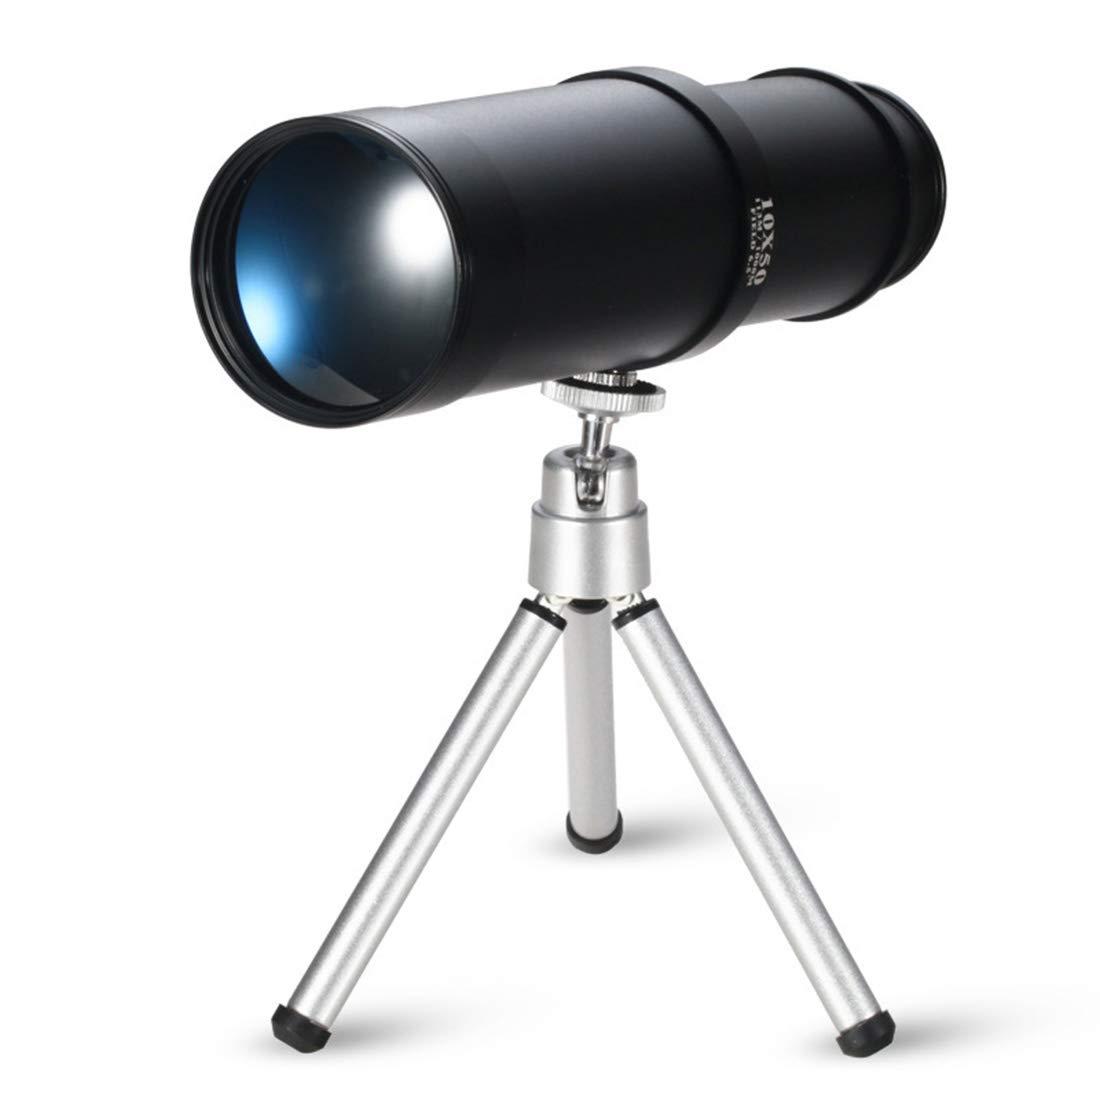 最新作の JPAKIOS 屋外使用のためのスタンドビュー望遠鏡とMonocular B07PLSQ5CW 10X50高精細 (Color : ブラック : ブラック) ブラック B07PLSQ5CW, カメラのキタムラ:bd964712 --- vanhavertotgracht.nl